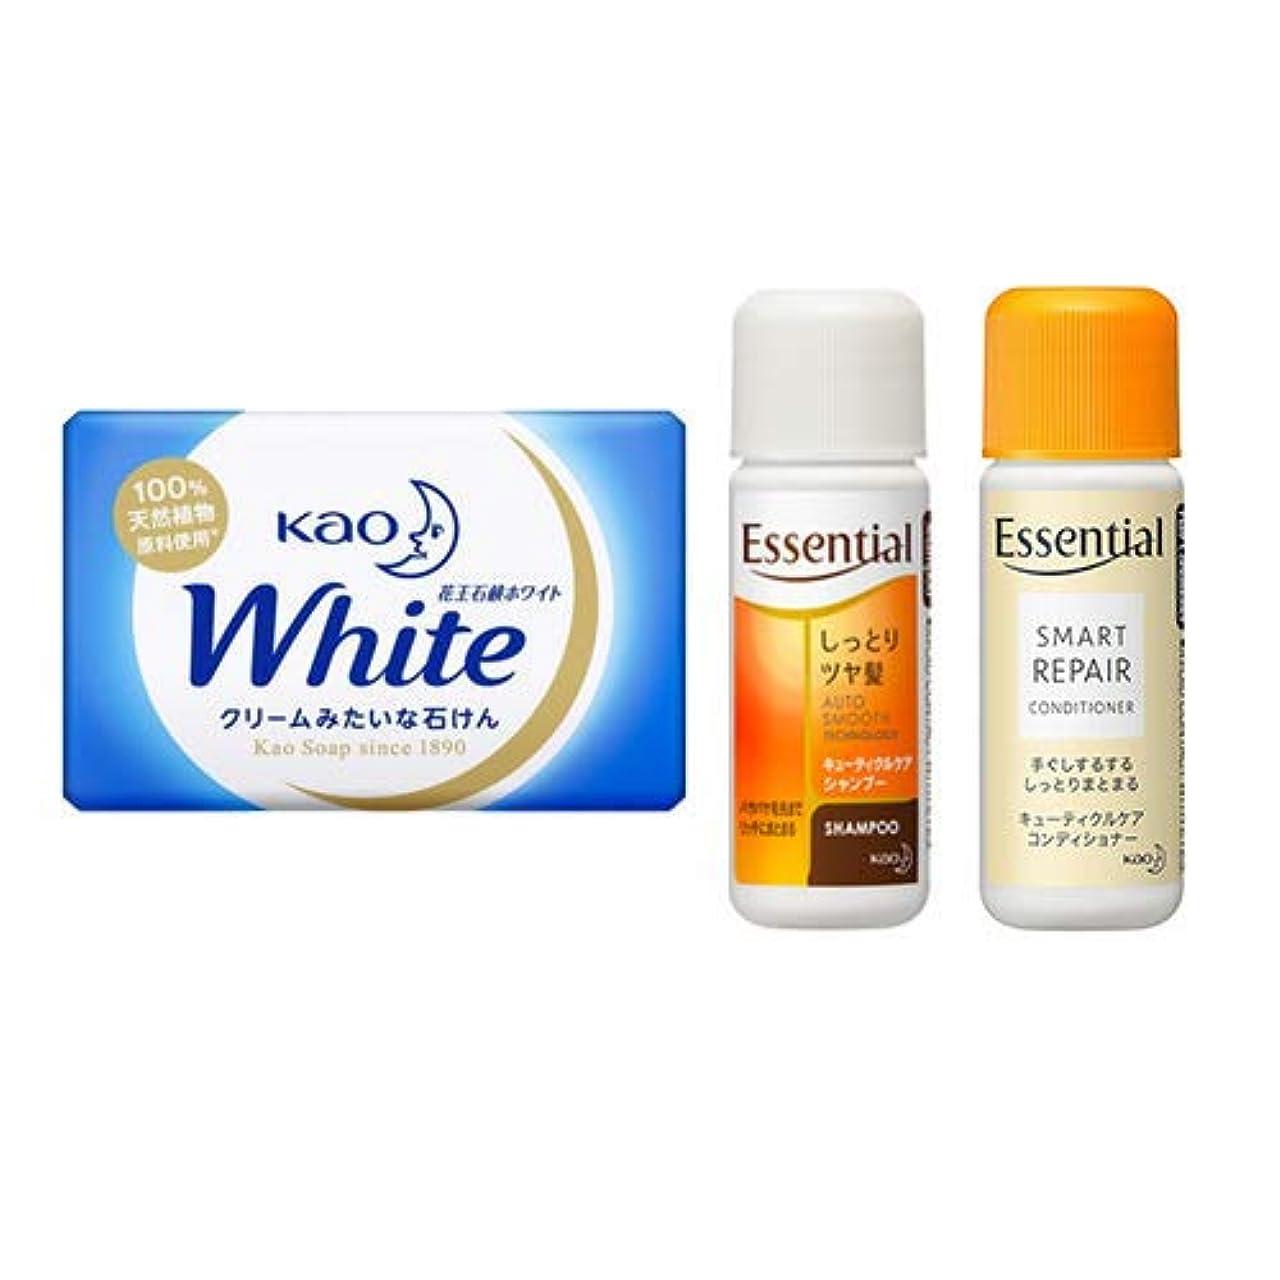 モットーレクリエーション引き算花王(KAO) 石鹸ホワイト(Kao Soap White) 15g + エッセンシャルシャンプー 16ml + コンディショナー 16ml セット